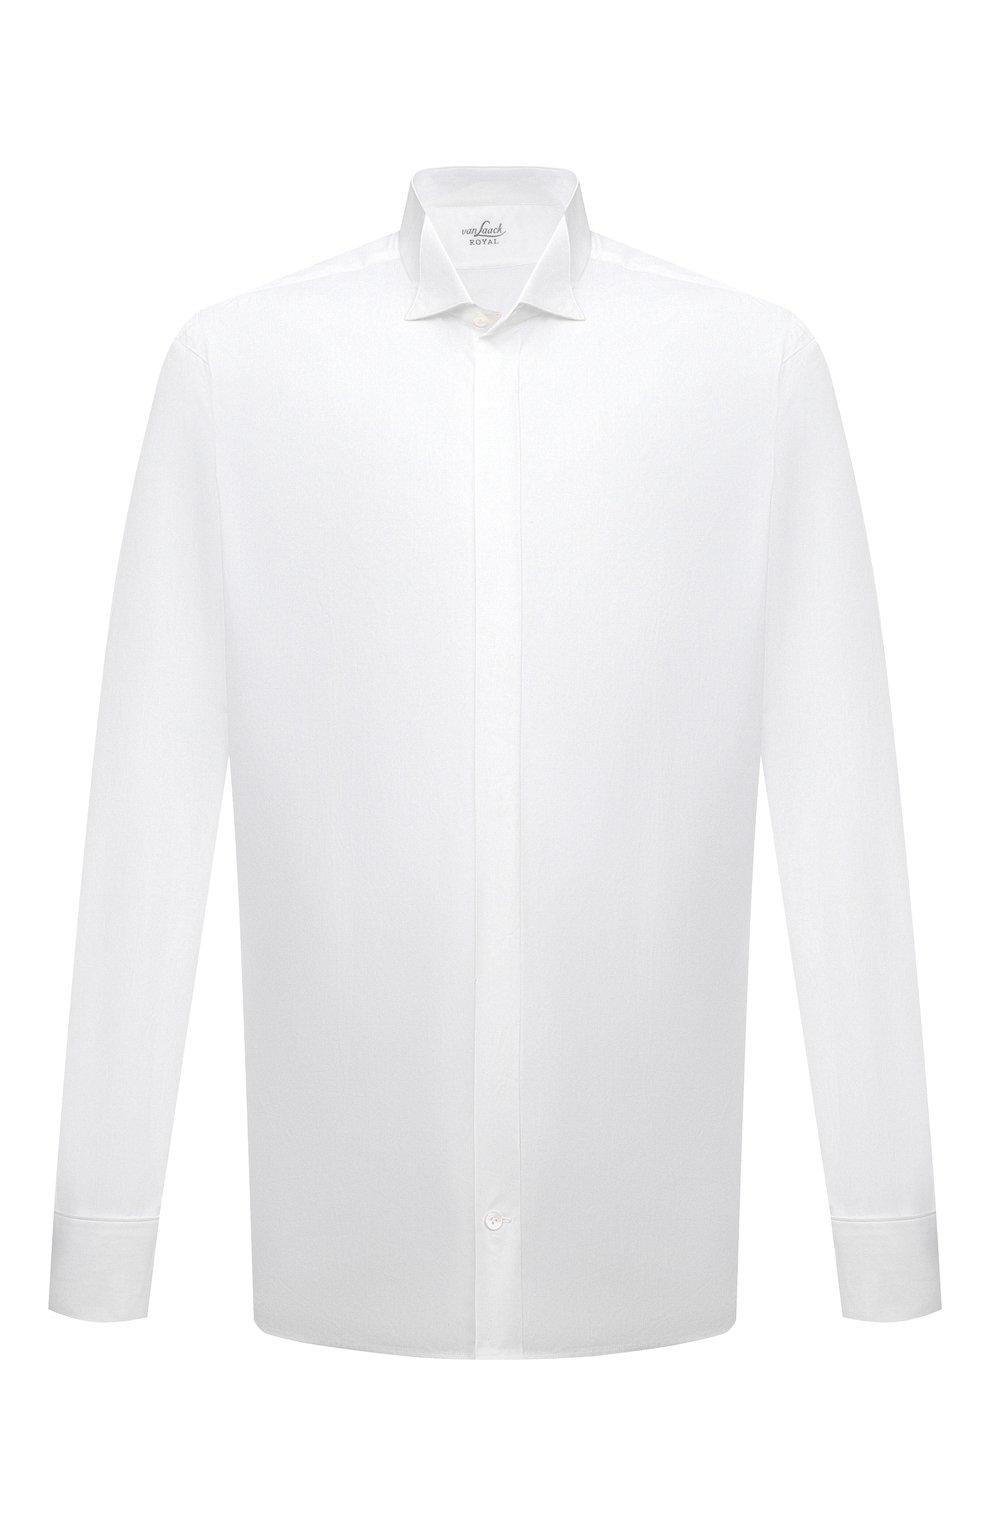 Мужская хлопковая сорочка VAN LAACK белого цвета, арт. GALA-DTF/130648 | Фото 1 (Рукава: Длинные; Длина (для топов): Стандартные; Материал внешний: Хлопок; Воротник: Бабочка; Статус проверки: Проверено)